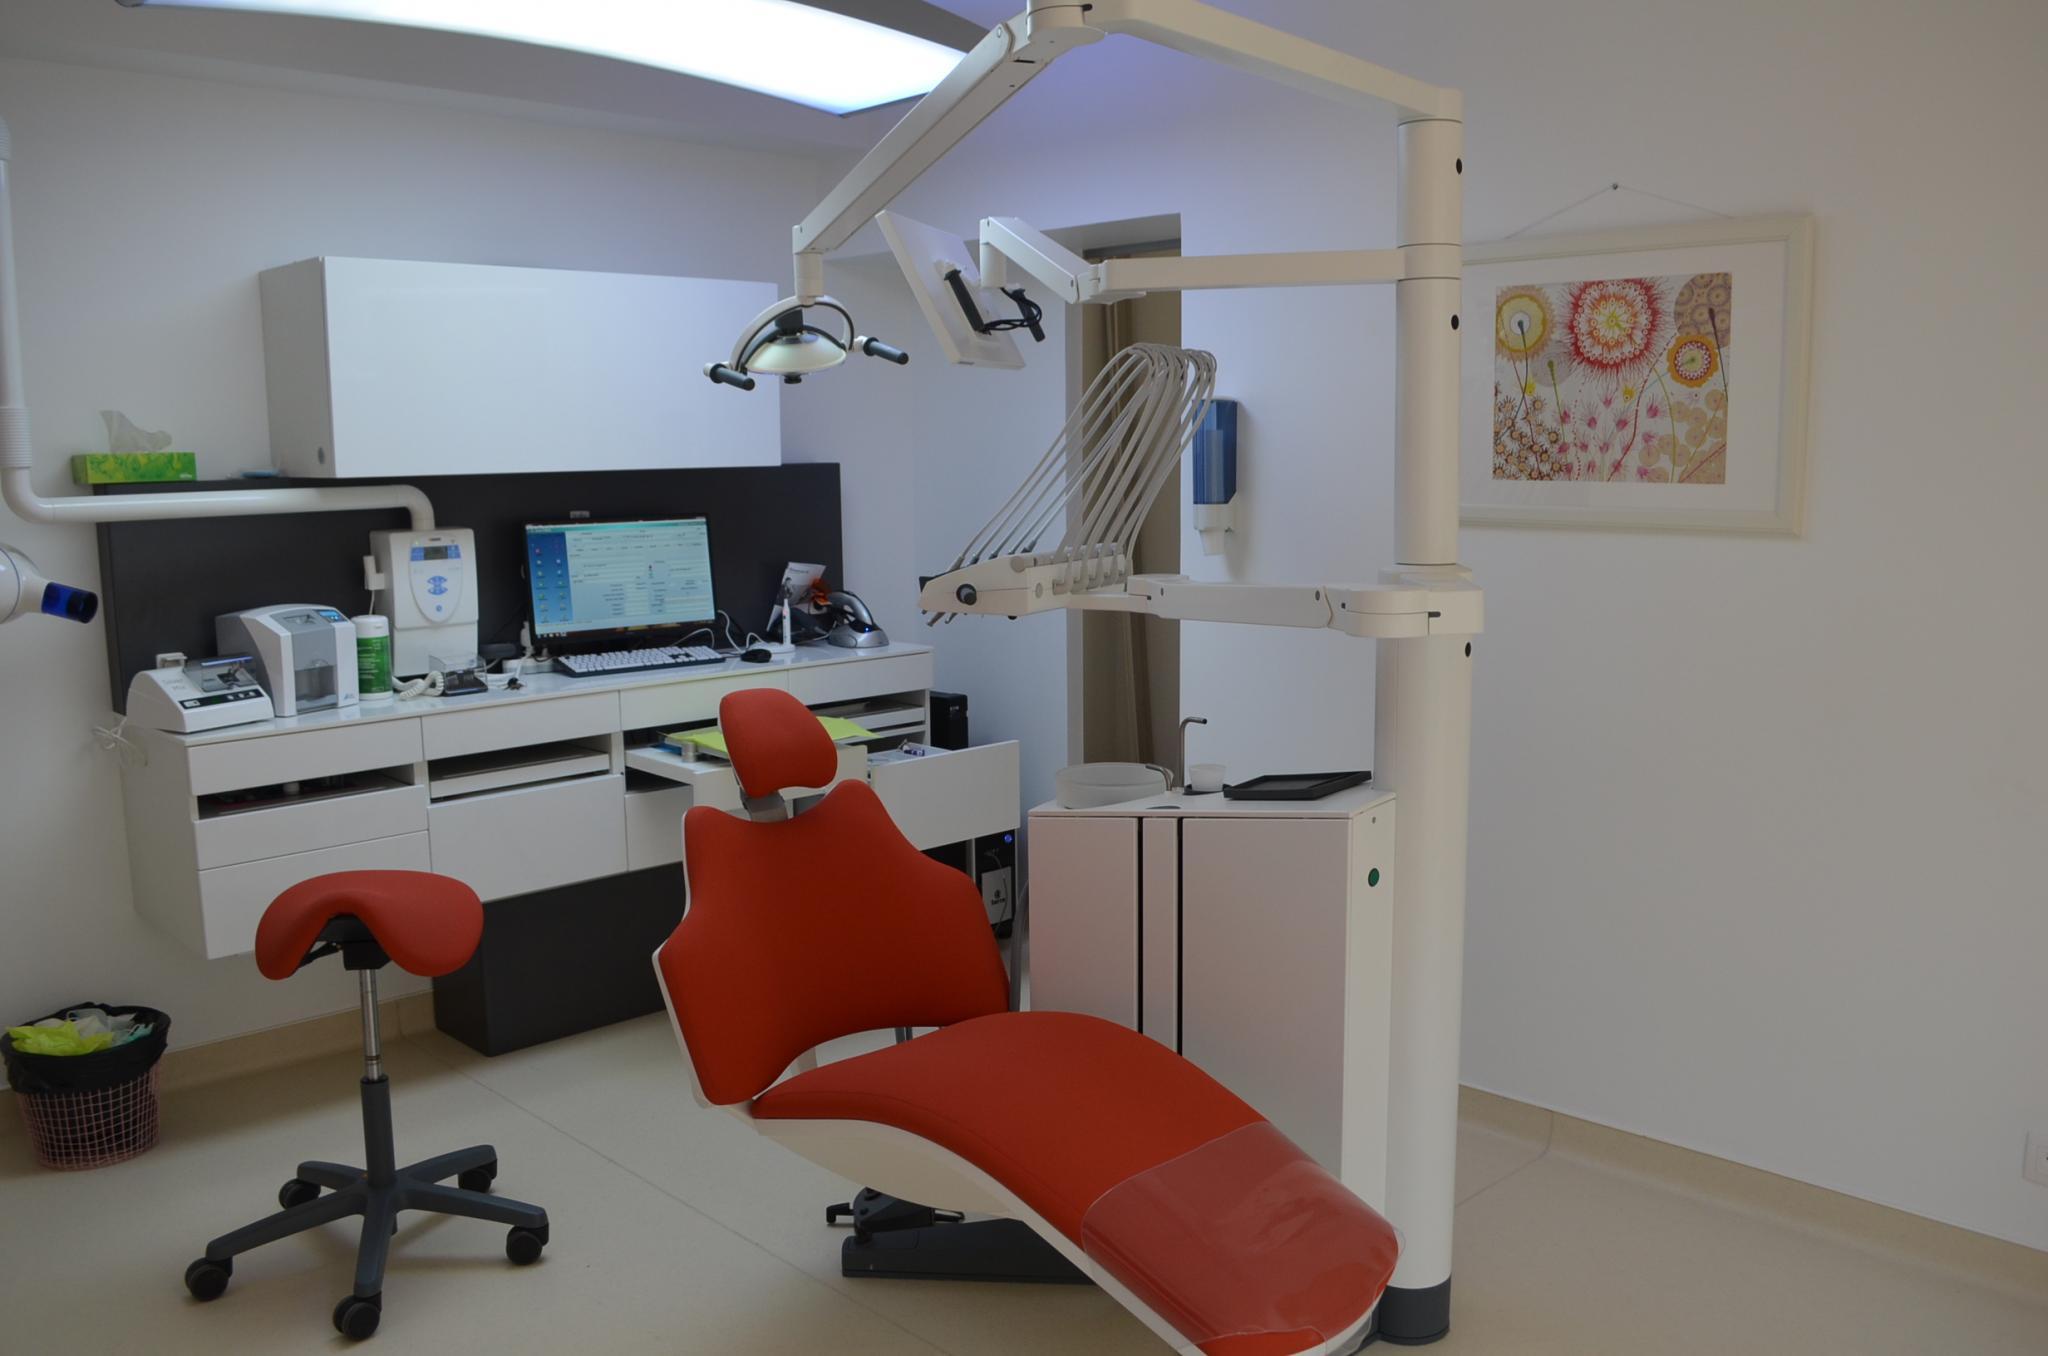 visiter le cabinet dentaire saint quentin 02100 dentiste dr aline paris. Black Bedroom Furniture Sets. Home Design Ideas